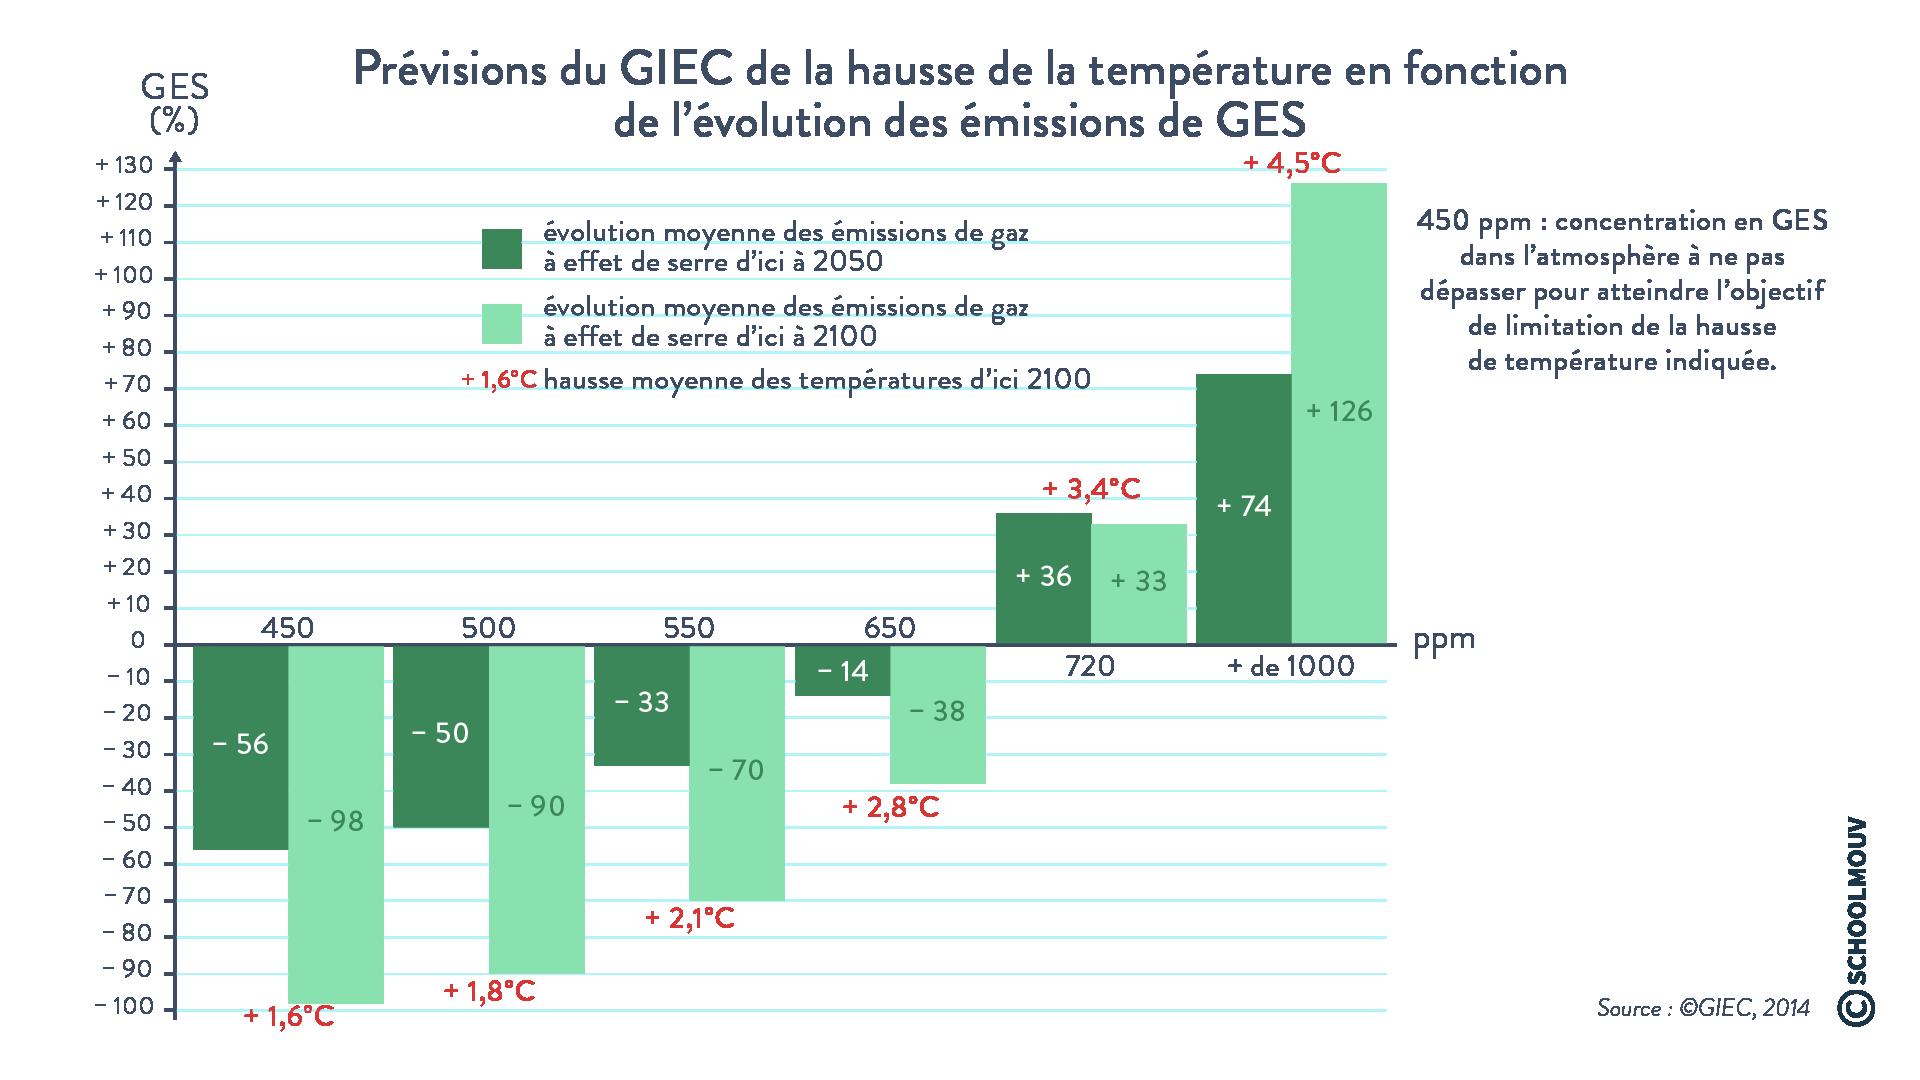 Prévisions du GIEC de la hausse de la température en fonction de la réduction des émissions de GES